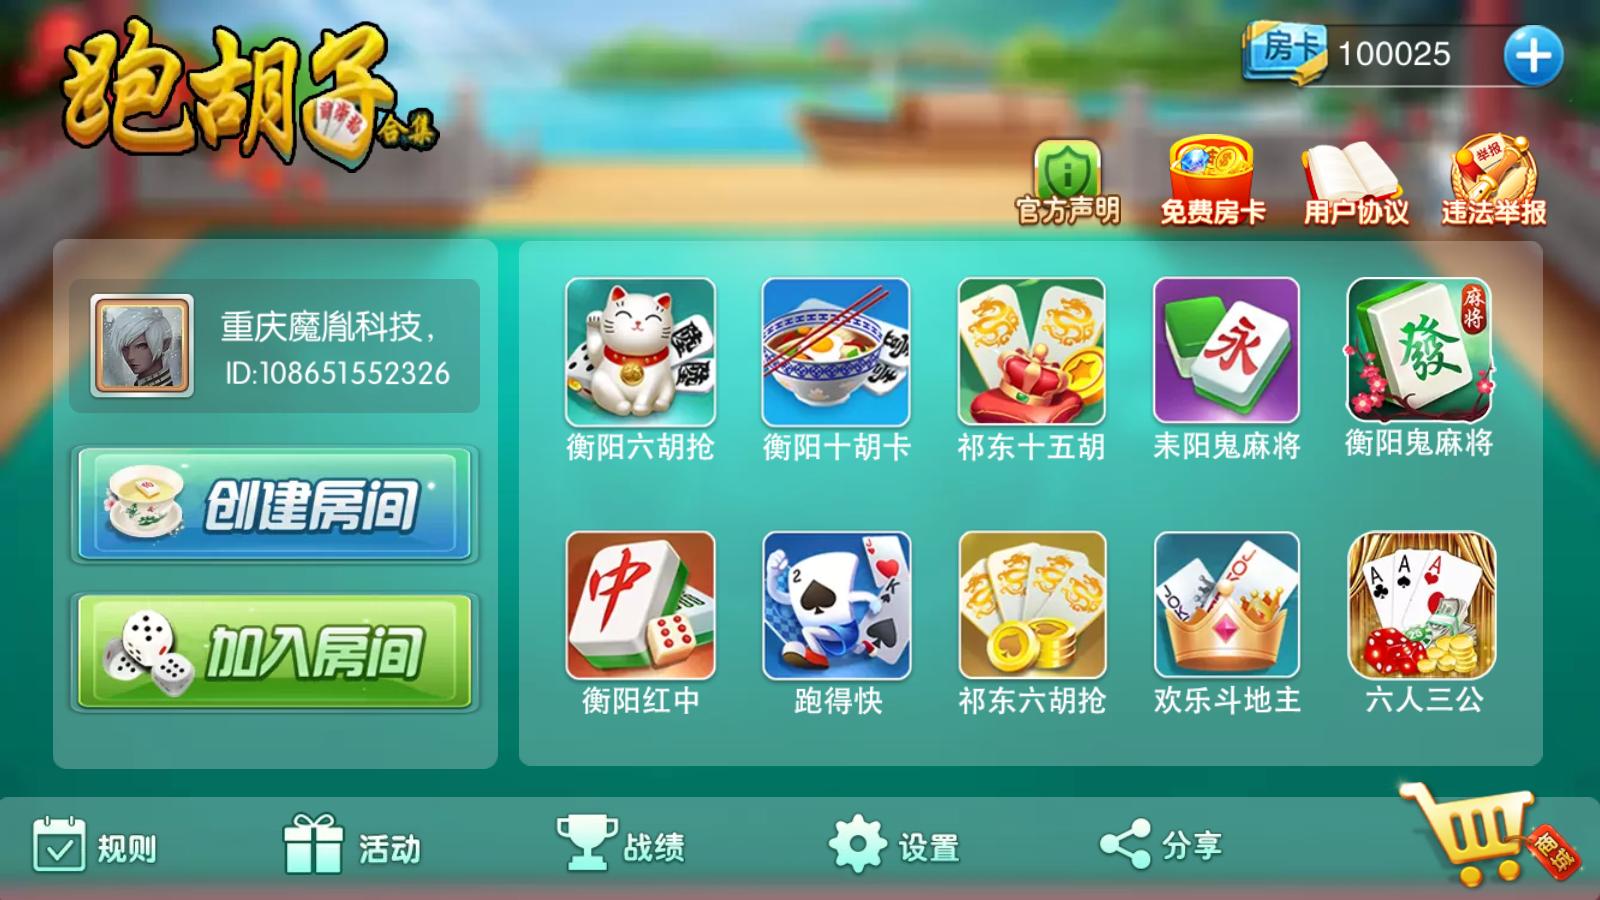 网狐二开跑胡子合集 麻将游戏 字牌游戏 扑克游戏 完整整理-第1张